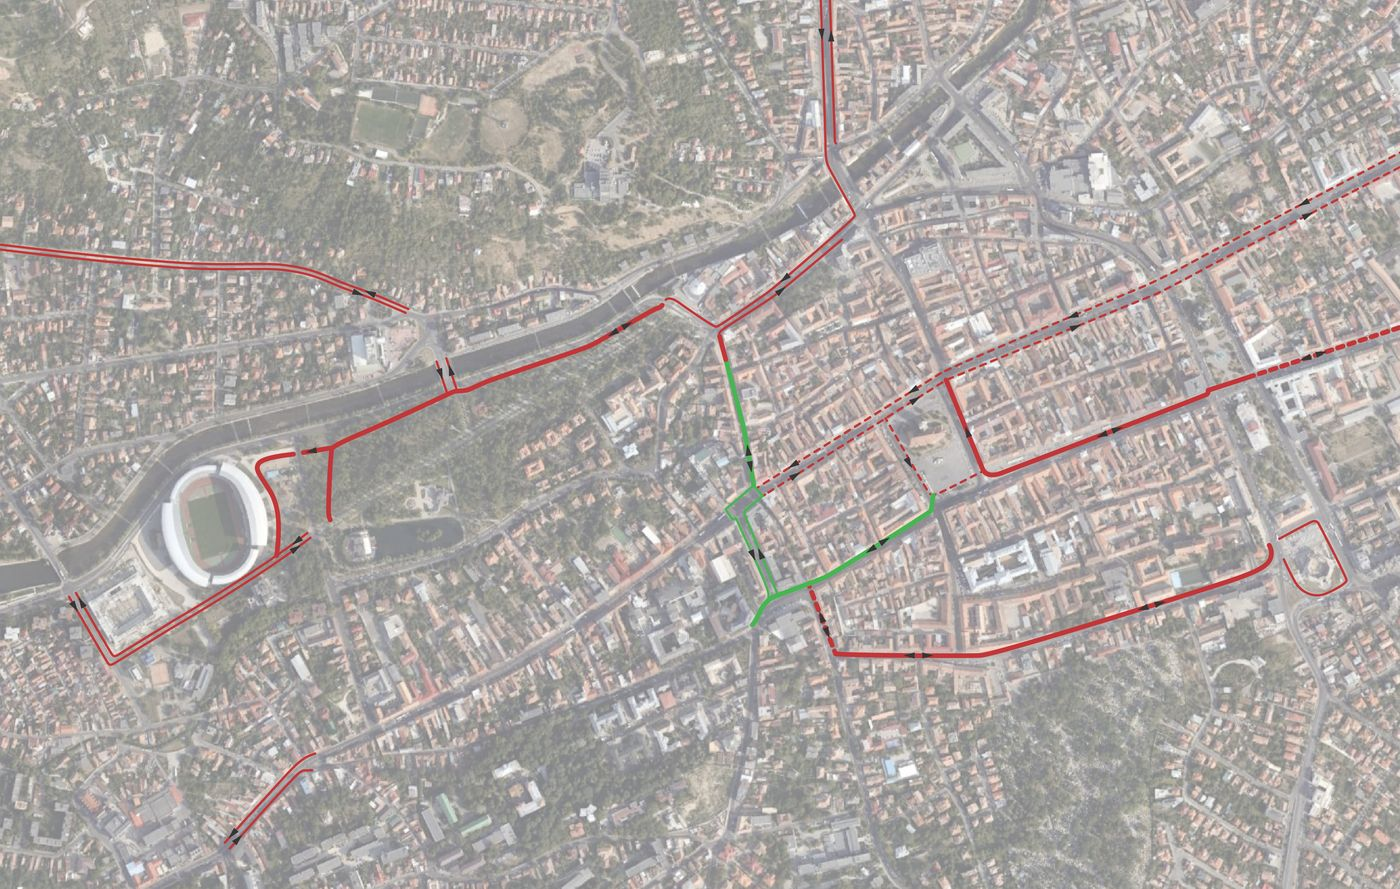 Pistele de biciclete noi create (verde) vor contribui la crearea unei rețele coerente în oraș, prin conectarea pistelor deja existente (roșu).Sursă: Planwerk.